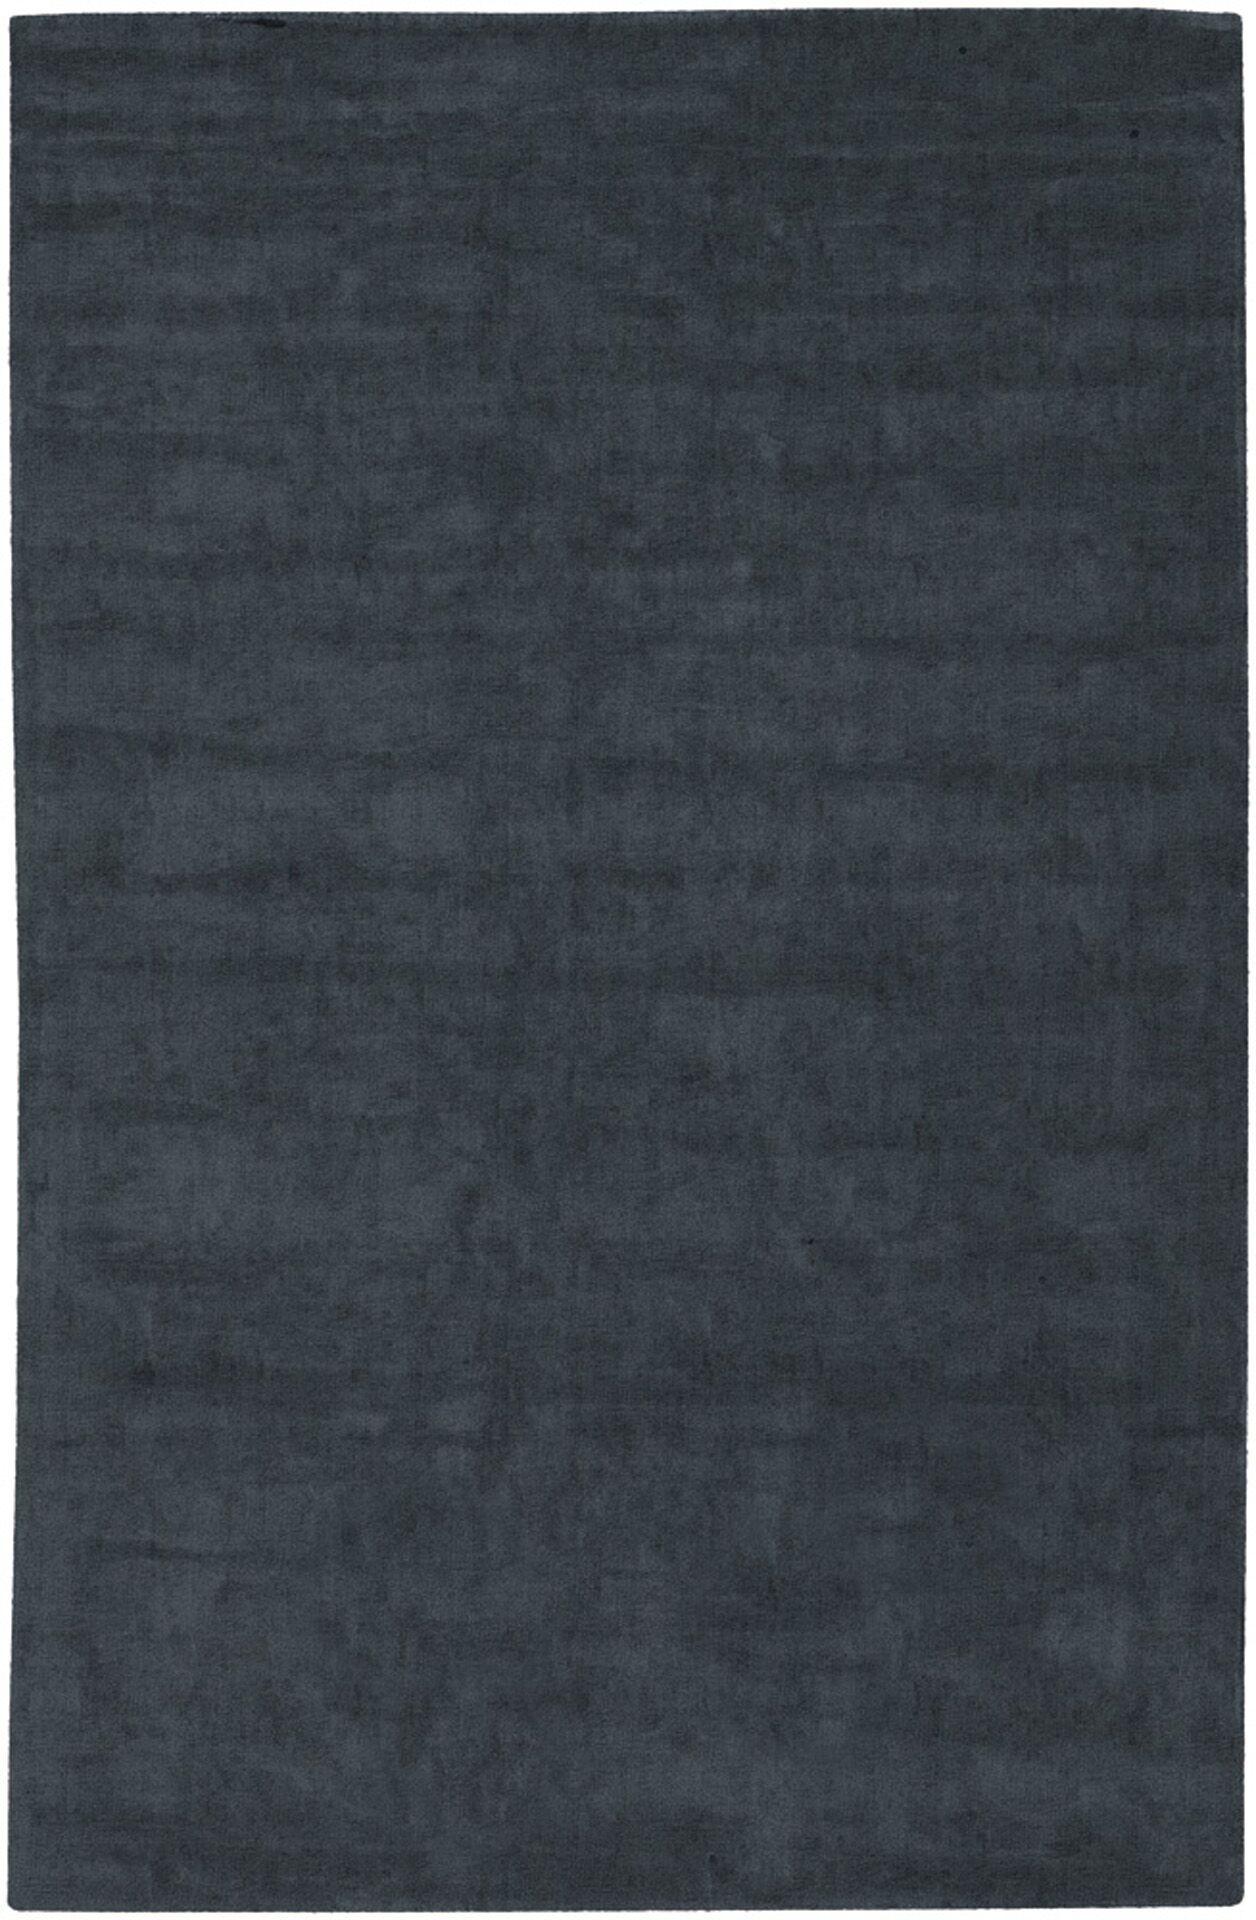 Mabel Black Tibetan Area Rug Rug Size: Square 7'9